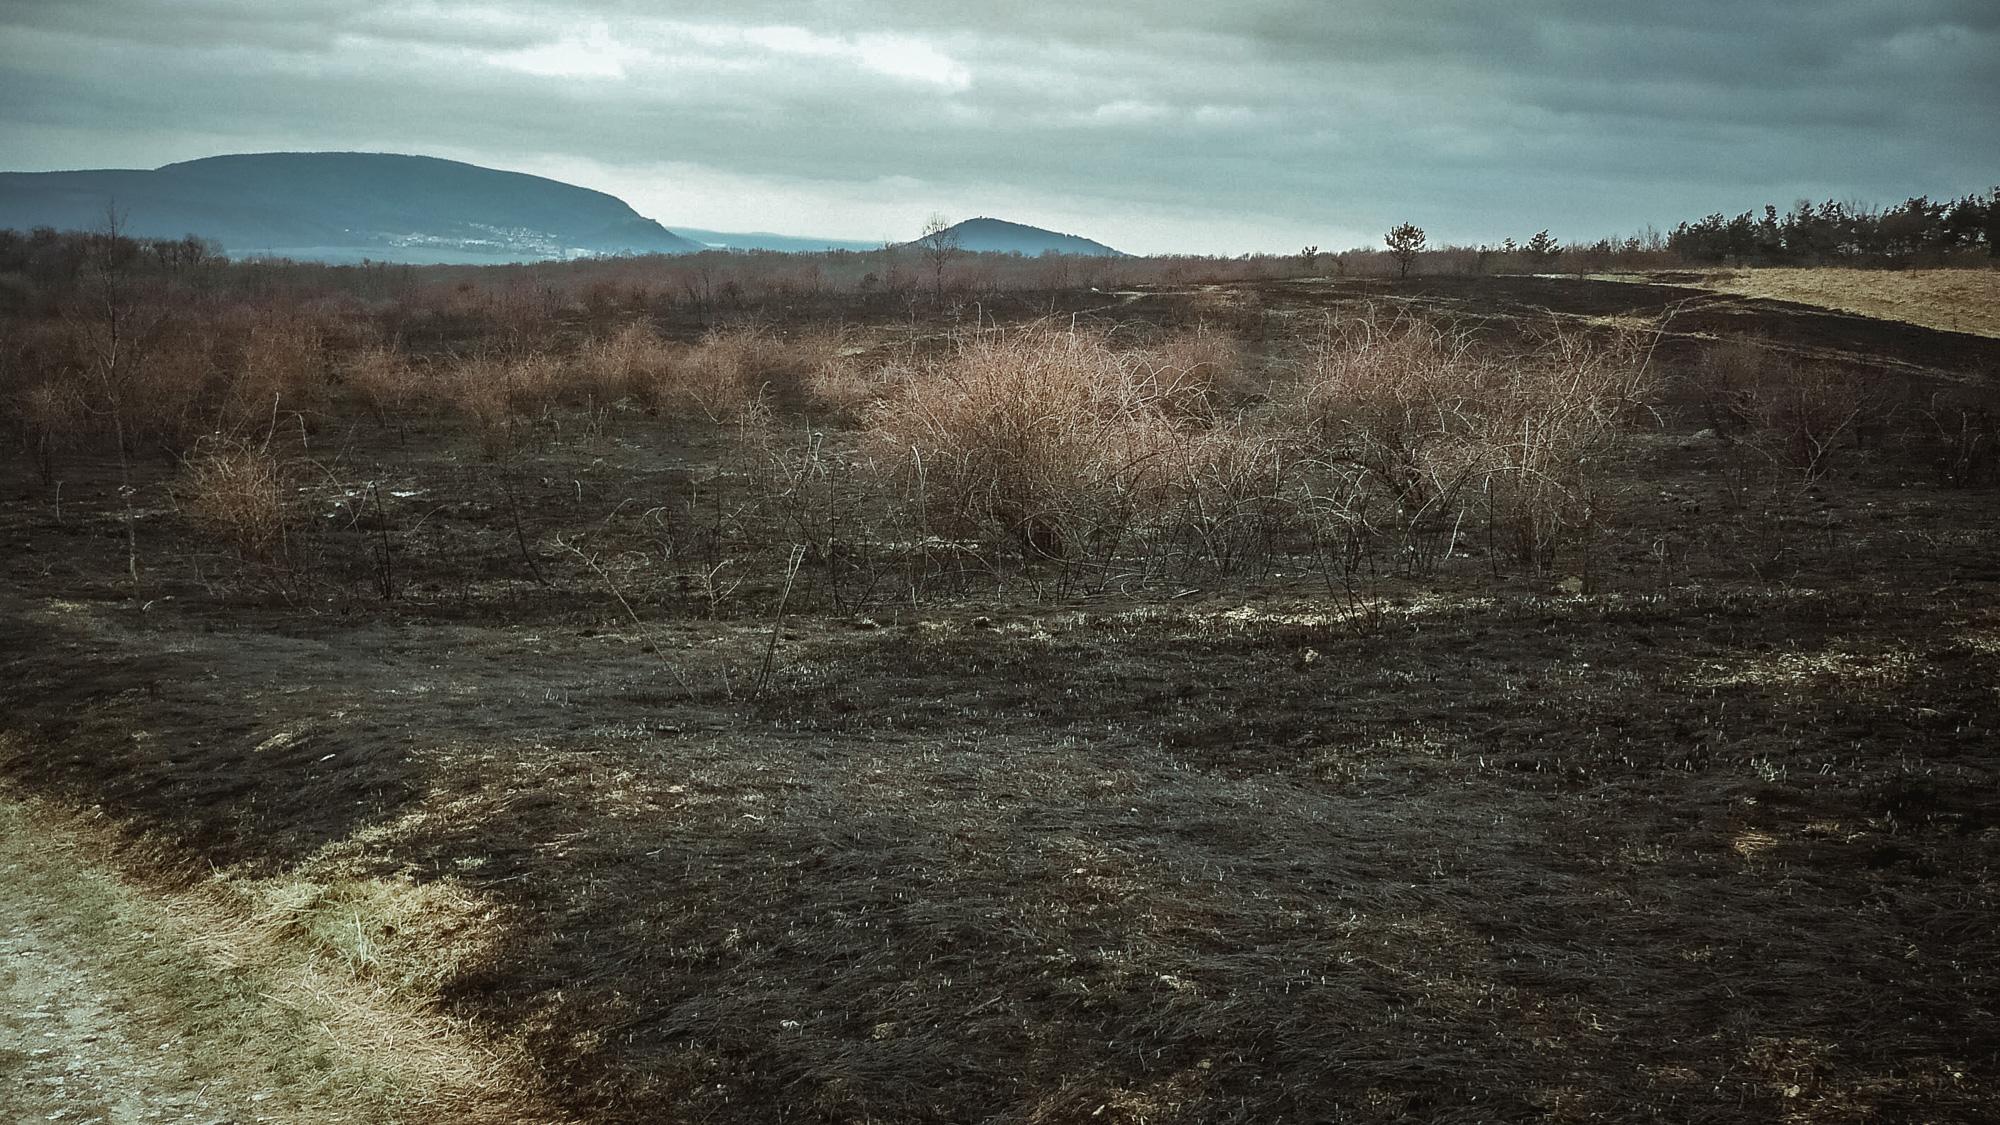 Lúka po veľkom požiari v roku 2011 (foto: Lívia Poláchová)